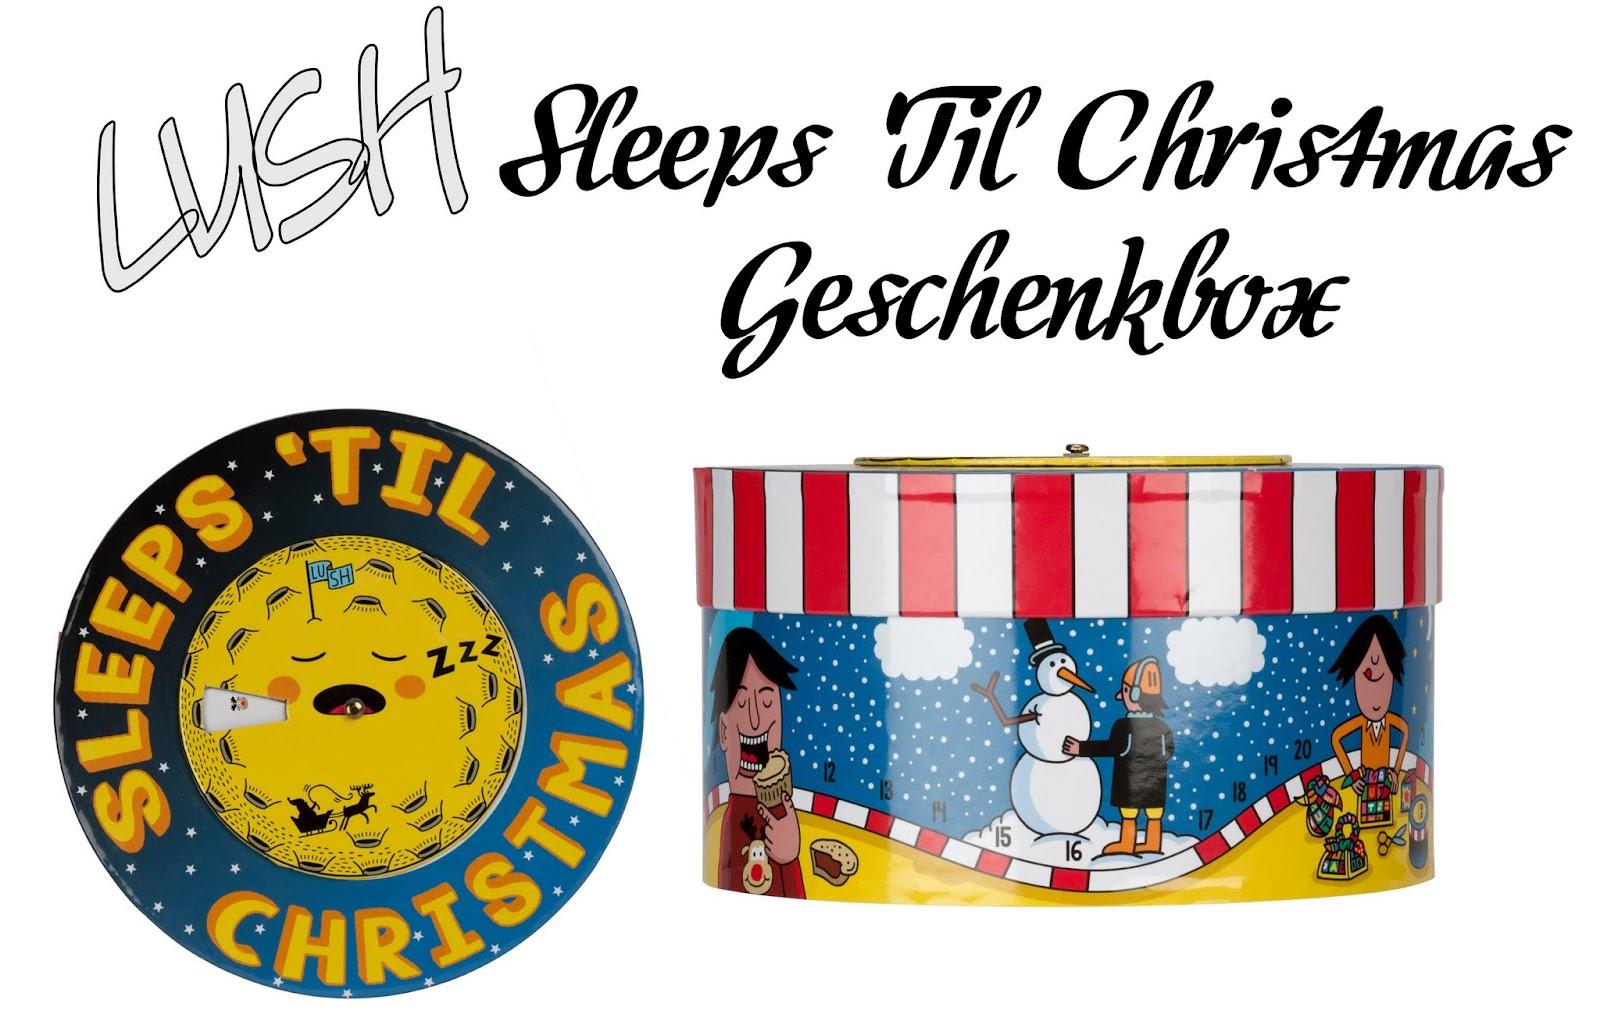 Adventskalender Gewinnspiel Türchen #2 mit Lush Sleeps 'Til Christmas Geschenkbox